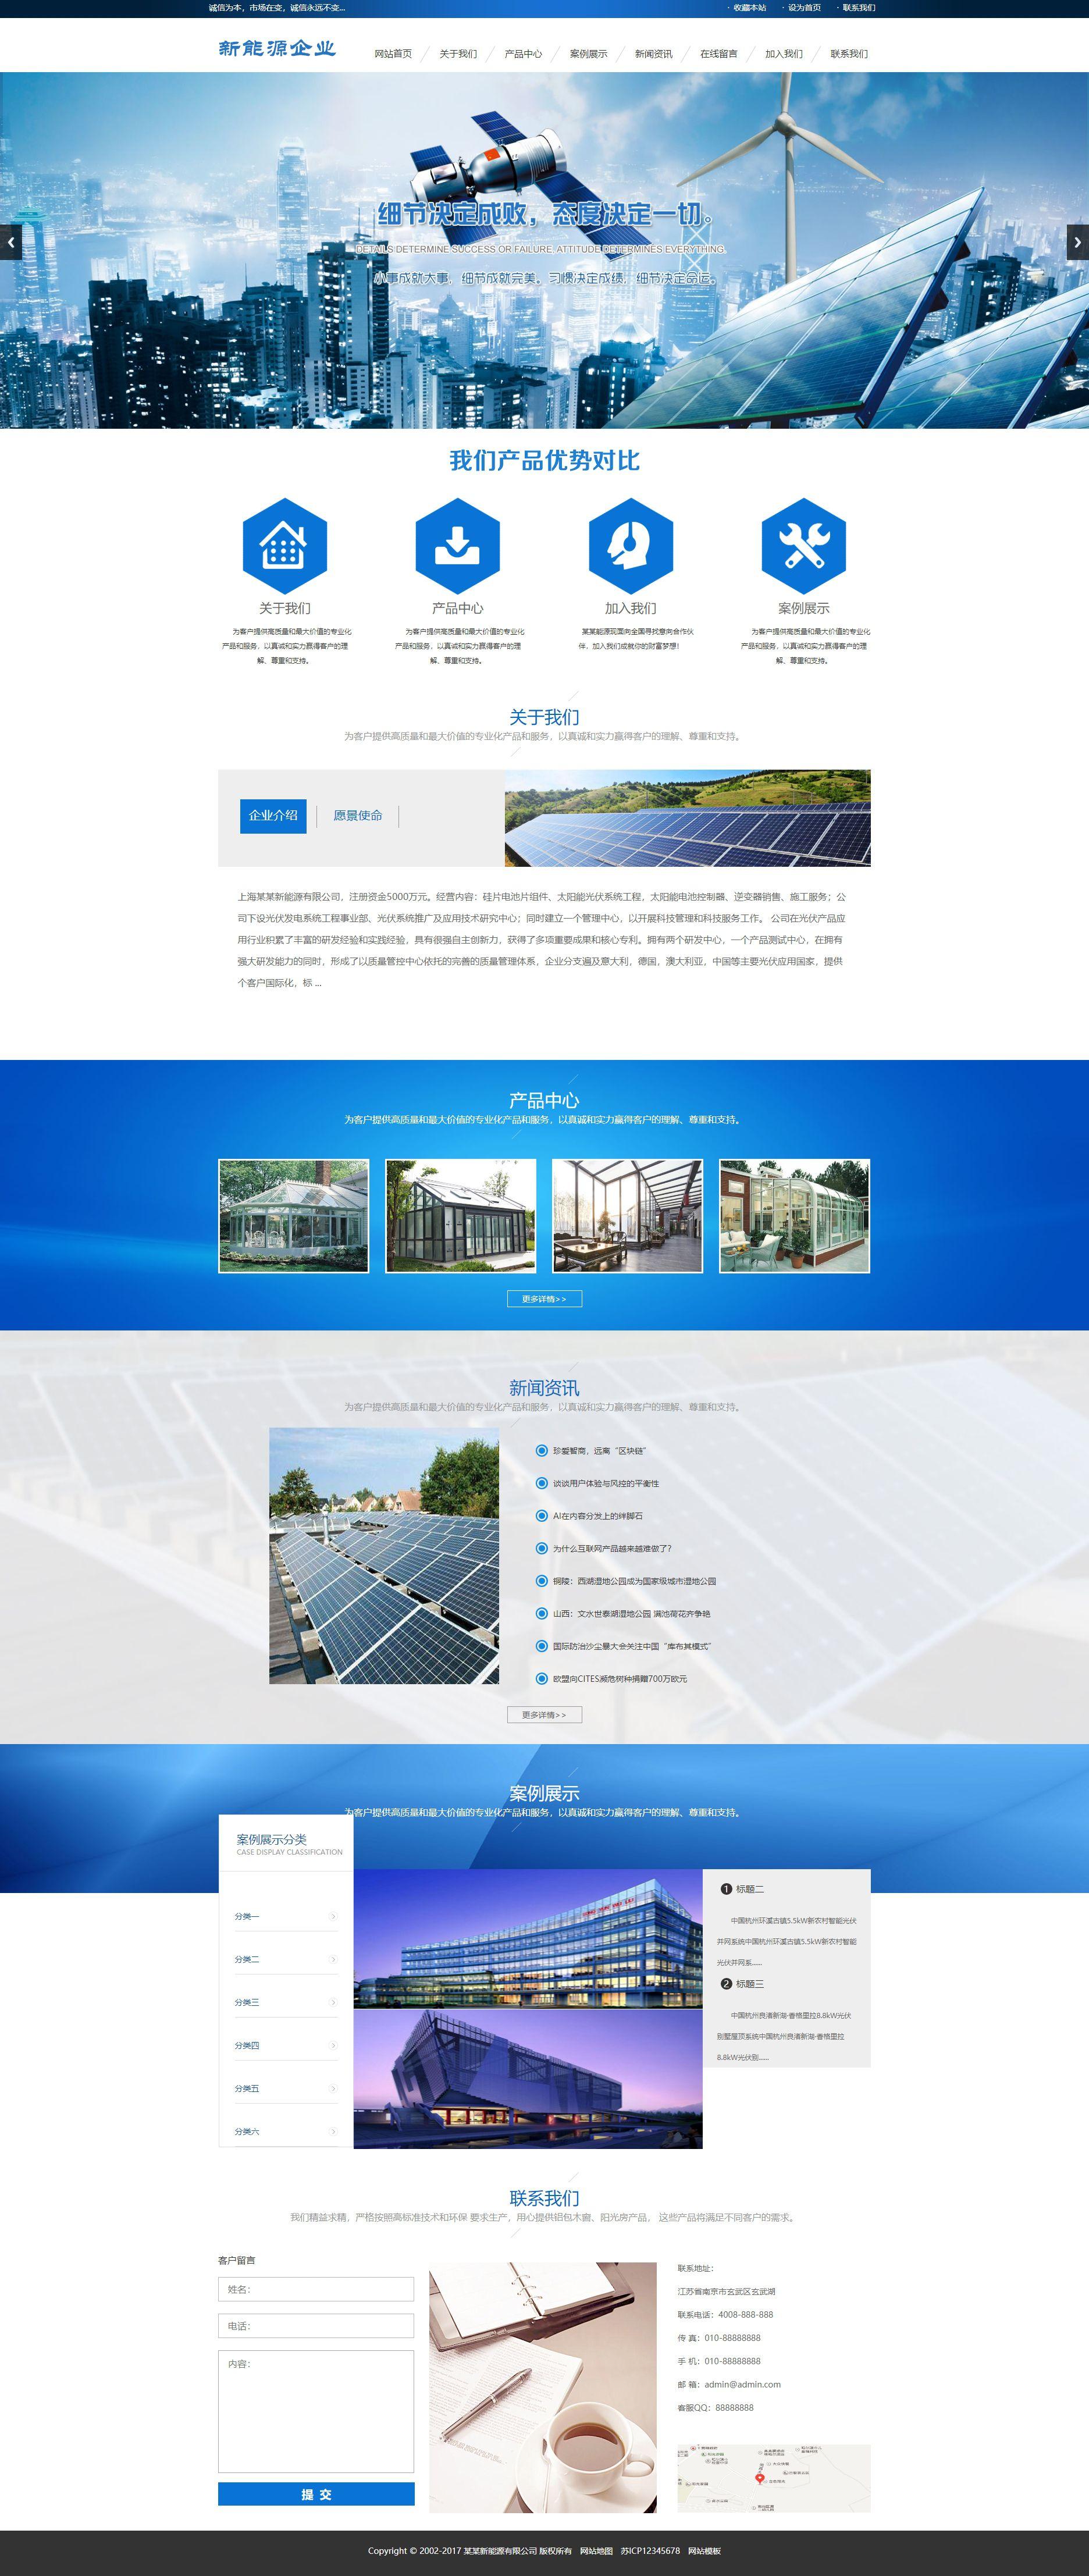 新能源太阳能光伏系统类网站织梦dedecms模板(带手机端)